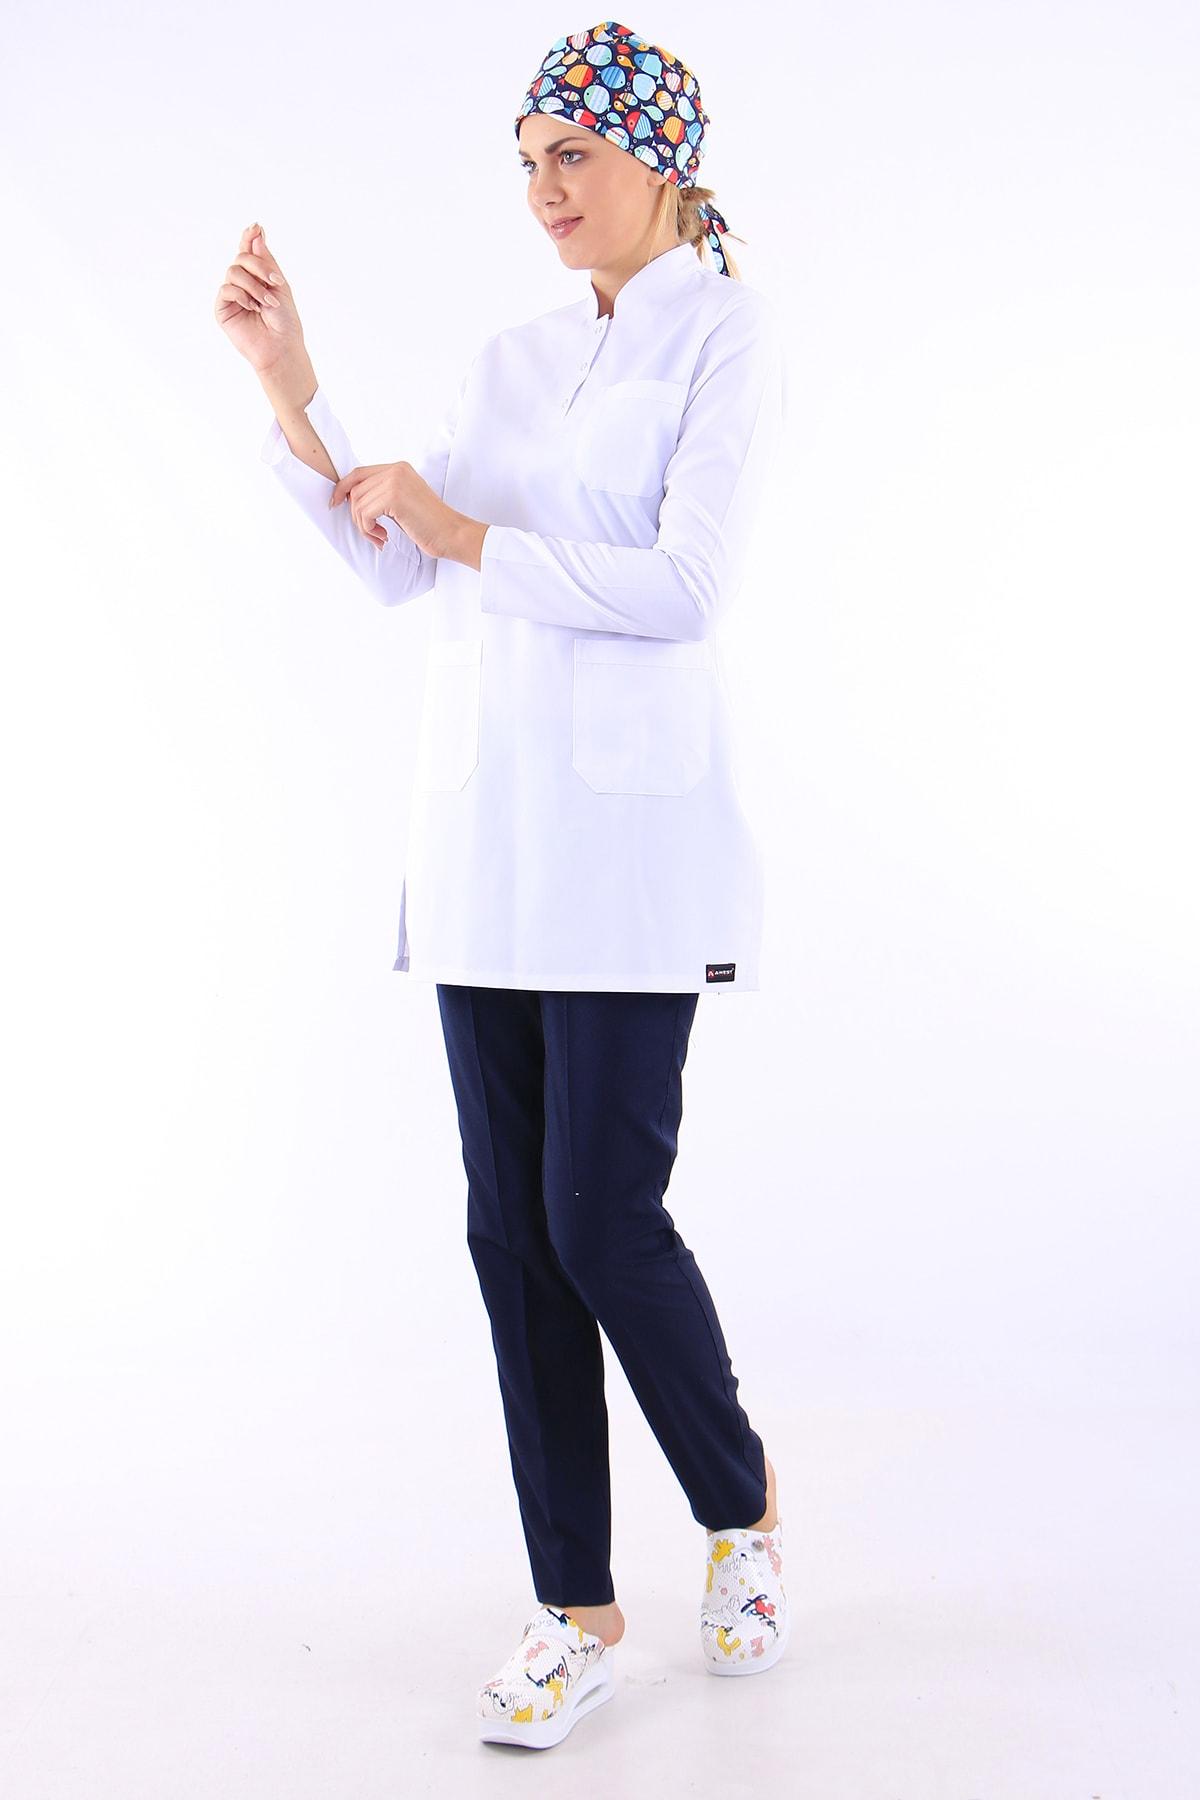 AWEST Kadın Tesettür Hakim Yaka Tek Üst Doktor Forması Hemşire Forması Ameliyat Forması 2